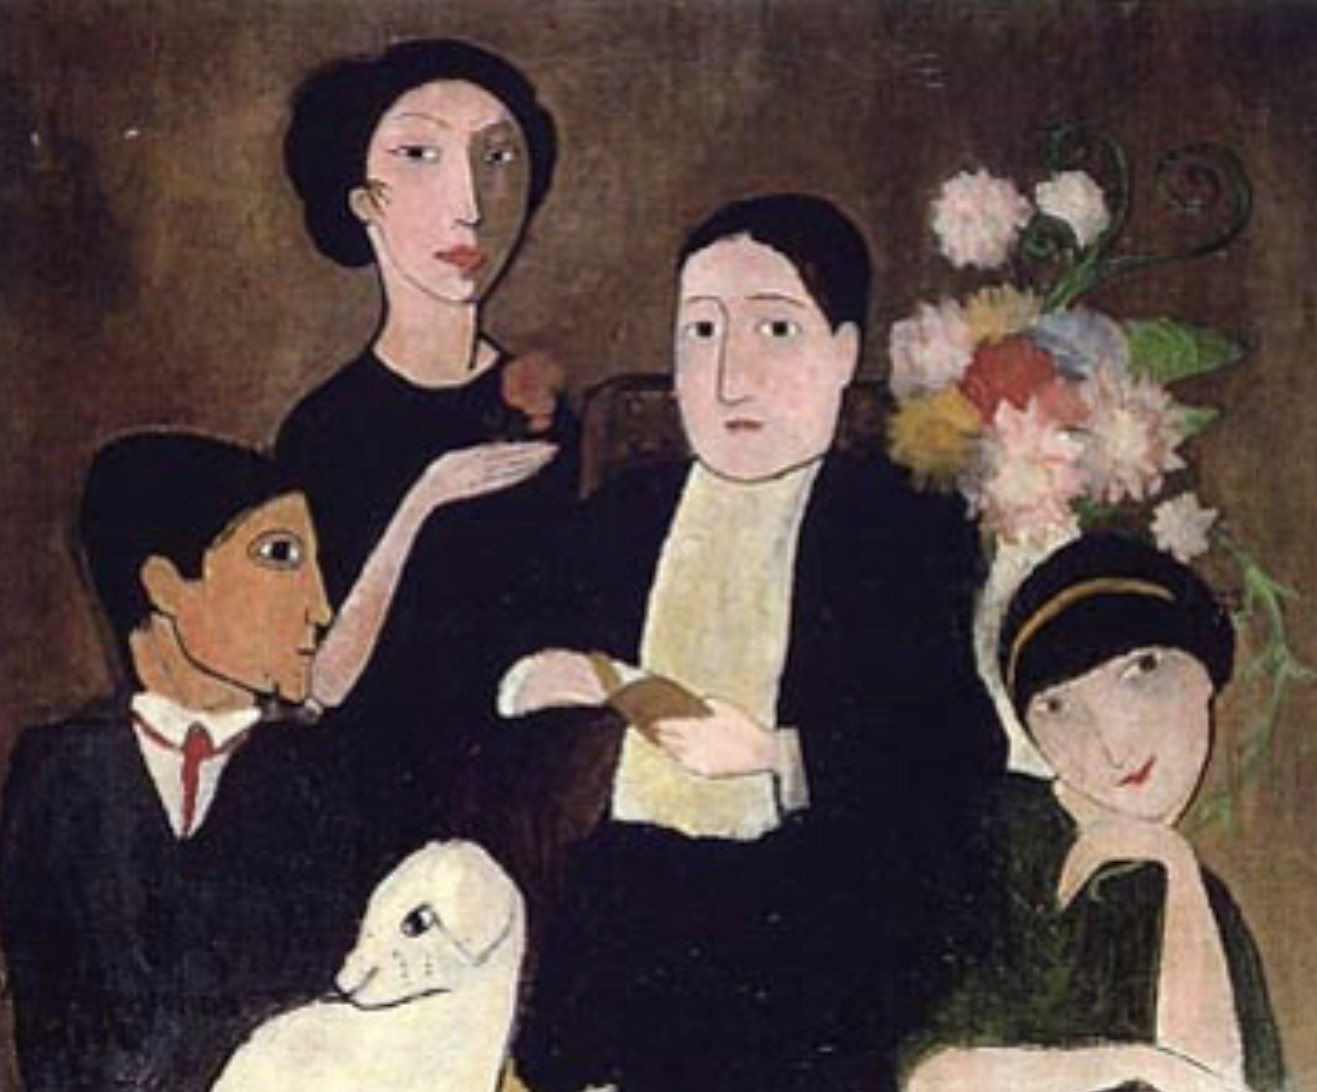 마리 로랑생의 1908년 작품 (왼쪽이 피카소, 중앙에 연인 아폴리네르, 오른쪽 피카소 애인 올리비에와 꽃을 든 마리 로랑생 자신 ).jpg